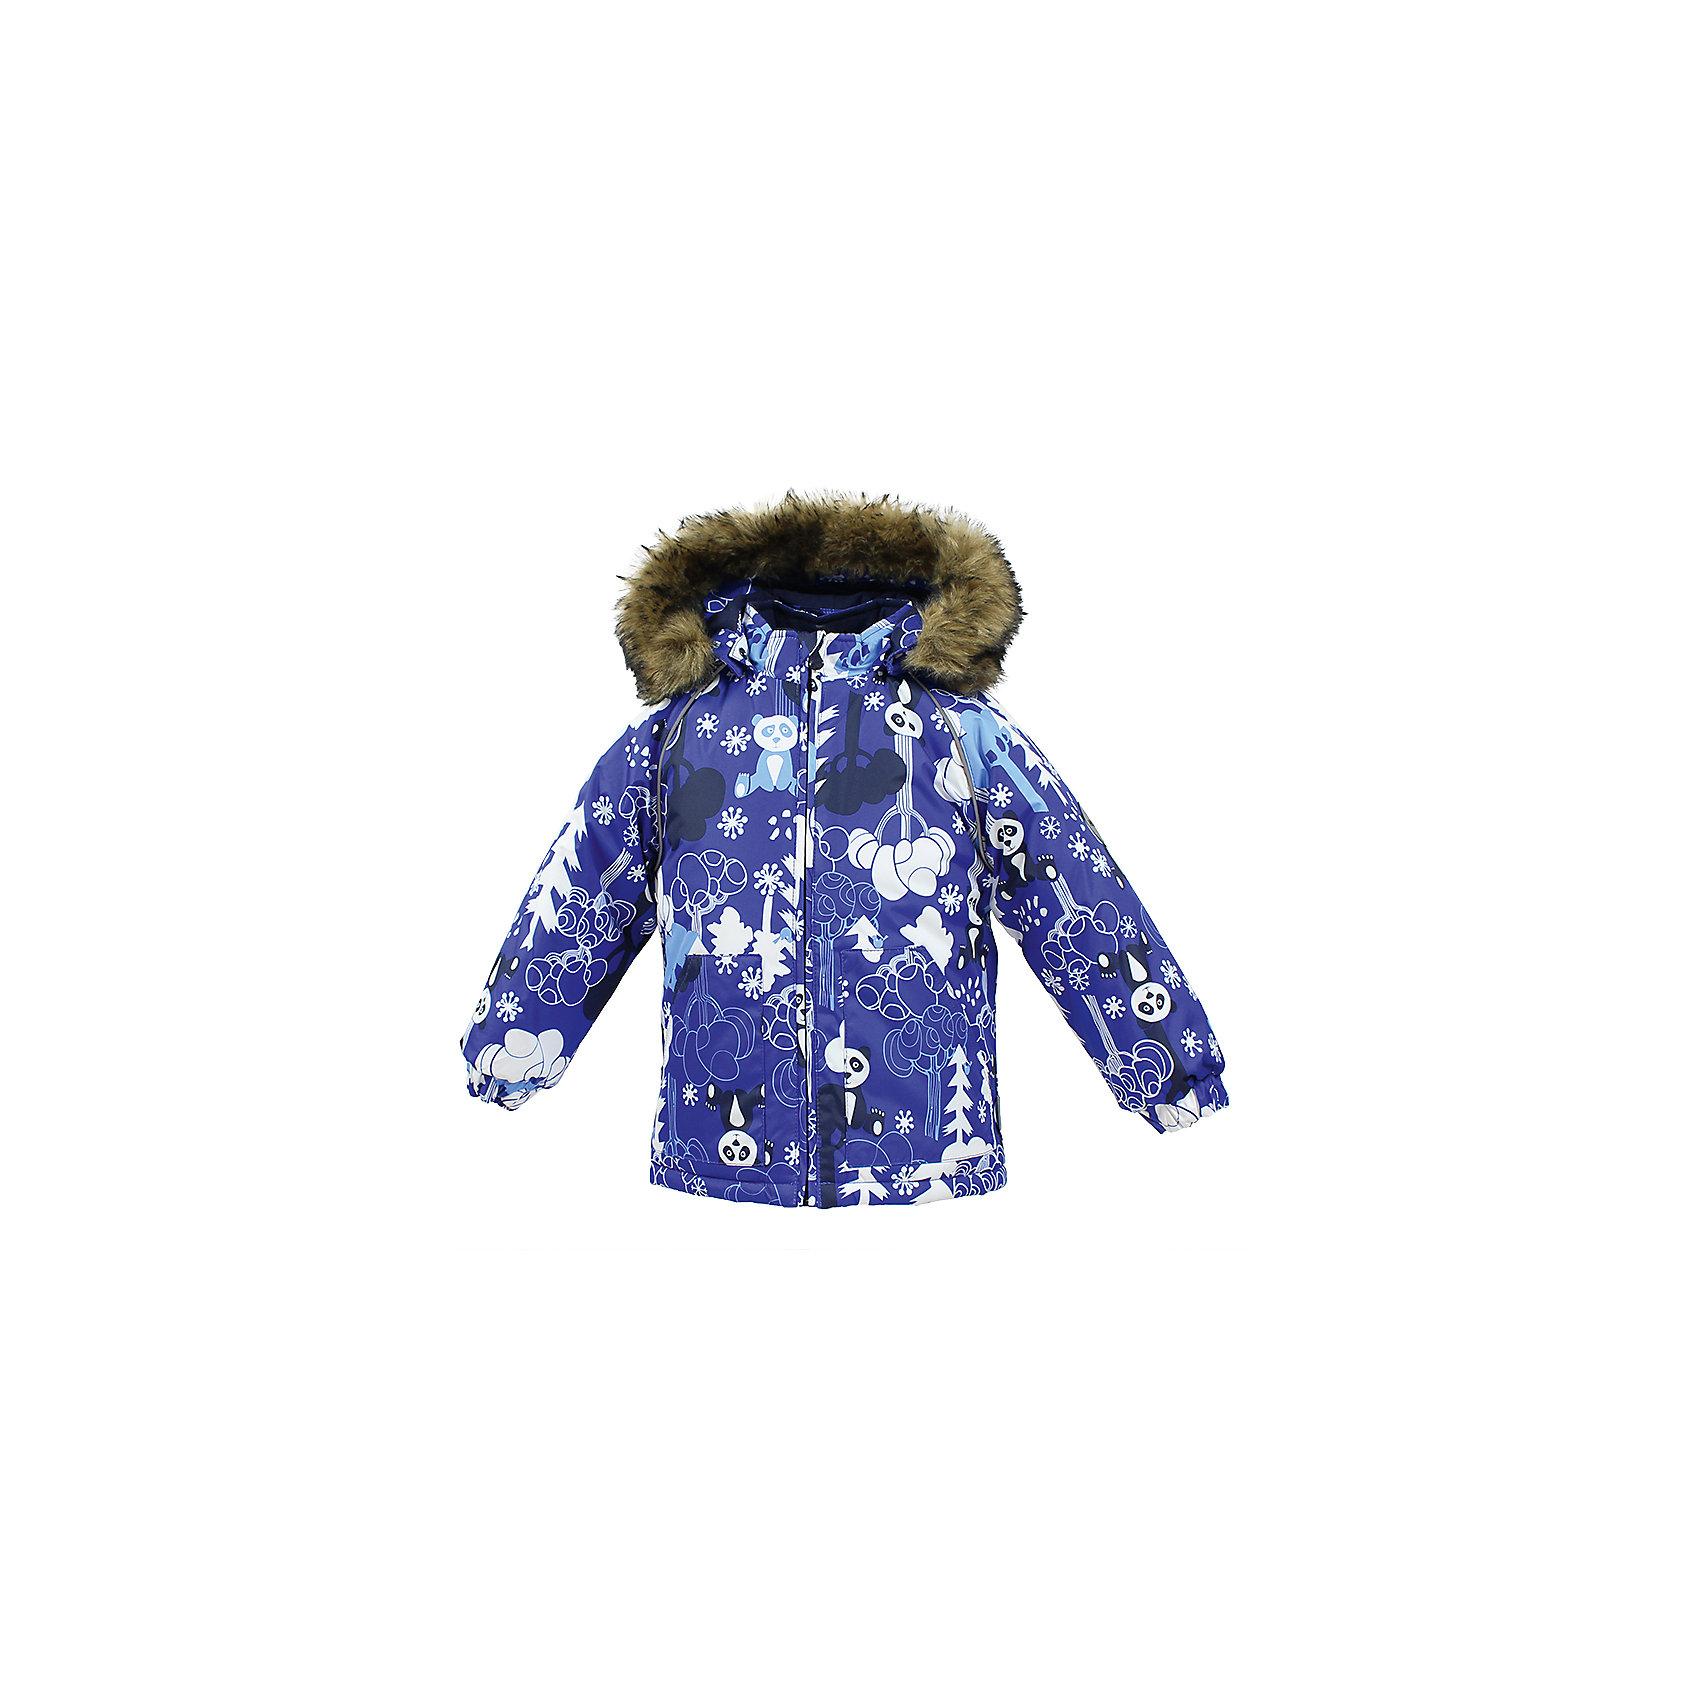 Куртка VIRGO HuppaВерхняя одежда<br>Куртка для малышей VIRGO.Водо и воздухонепроницаемость 5 000. Утеплитель 300 гр. Подкладка фланель 100% хлопок. Отстегивающийся капюшон с мехом. Манжеты рукавов на резинке. Имеются светоотражательные детали.<br>Состав:<br>100% Полиэстер<br><br>Ширина мм: 356<br>Глубина мм: 10<br>Высота мм: 245<br>Вес г: 519<br>Цвет: синий<br>Возраст от месяцев: 36<br>Возраст до месяцев: 48<br>Пол: Унисекс<br>Возраст: Детский<br>Размер: 104,80,86,92,98<br>SKU: 7027276